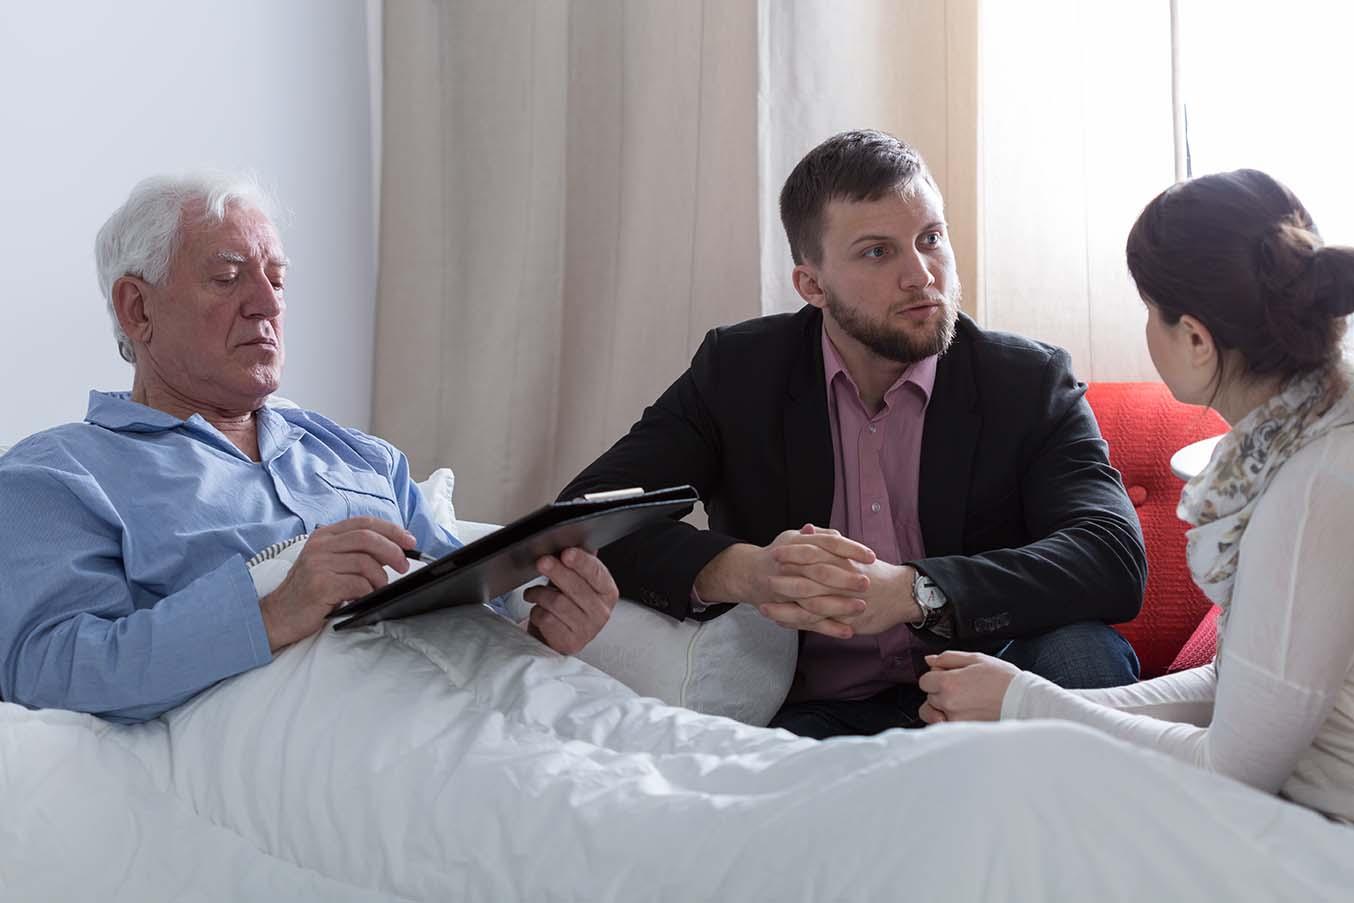 ¿Puede un padre dependiente desheredar a un hijo por no prestarle cuidados?